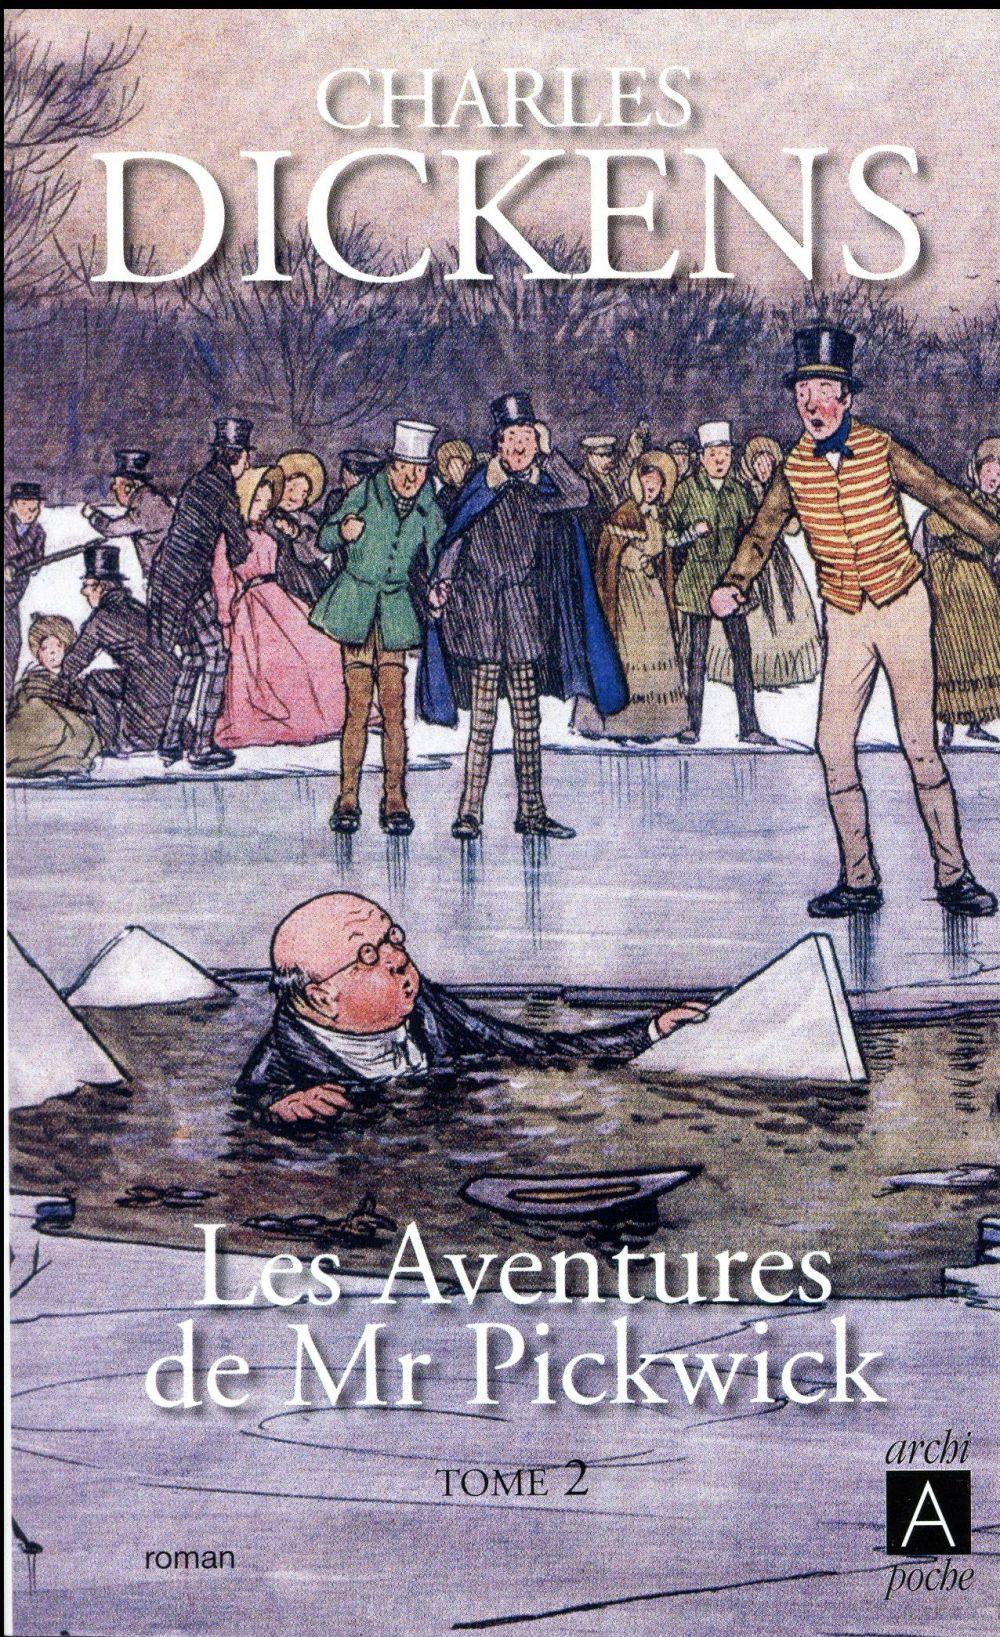 Les aventures de Mr Pickwick t. 2